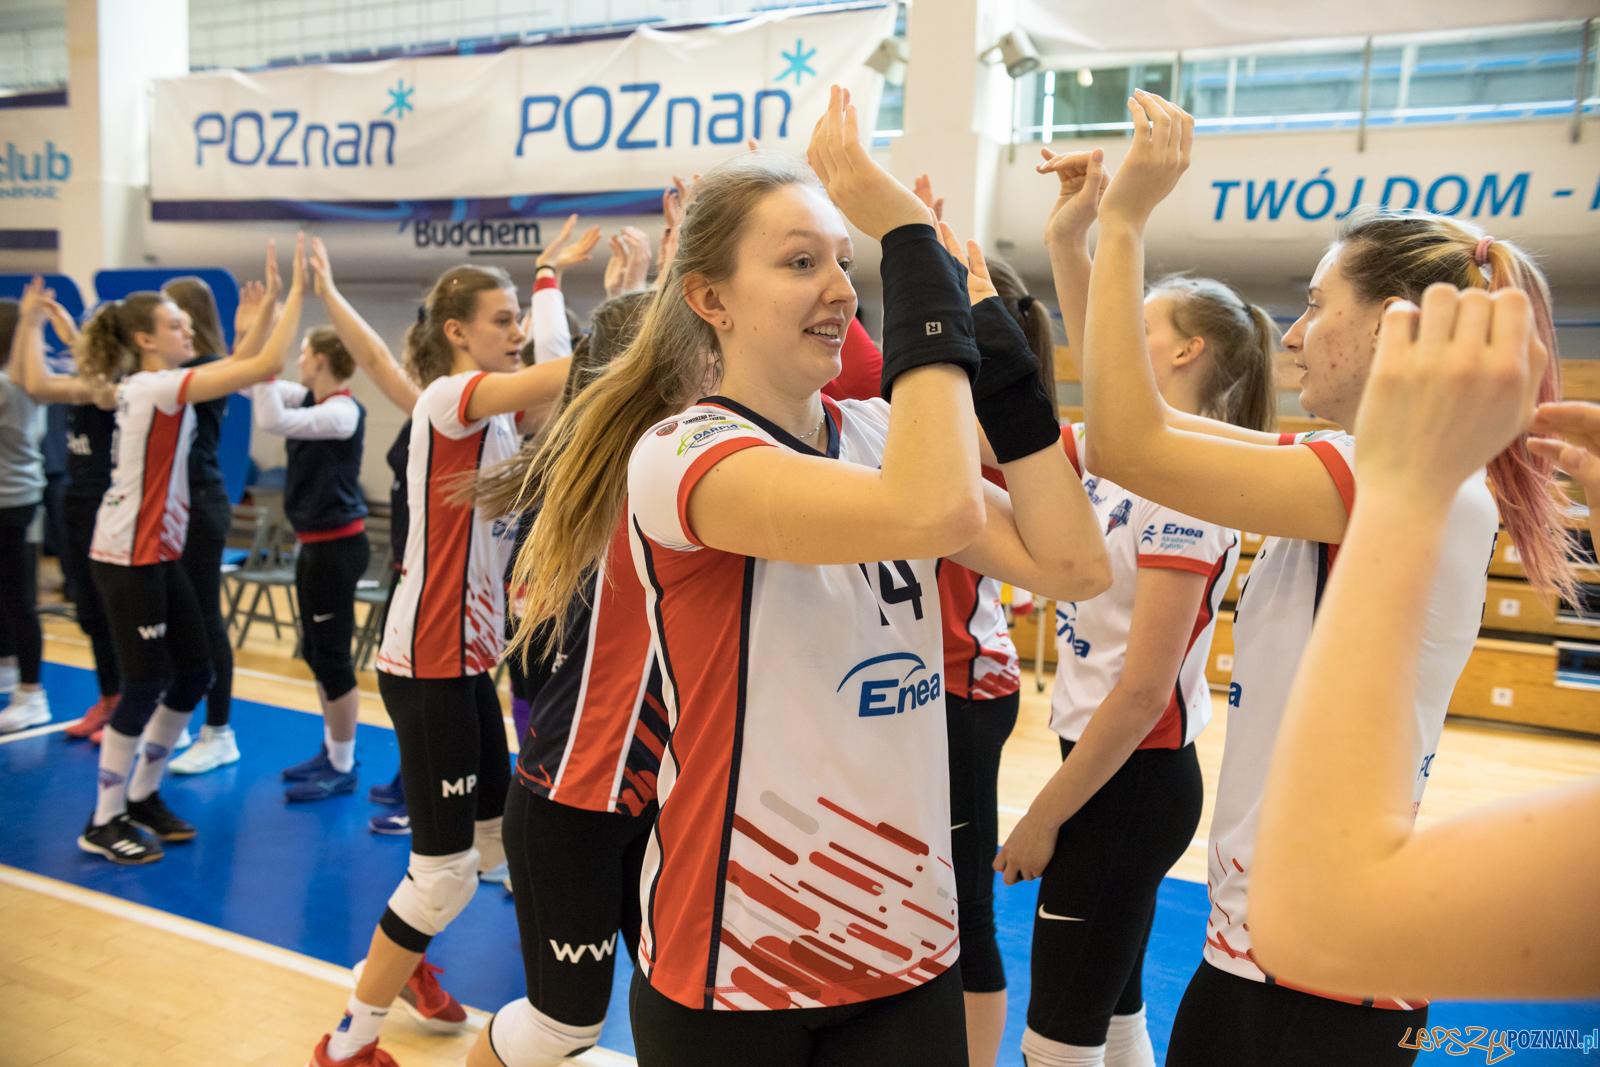 Enea Energetyk Poznań - UKS Szamotulanin Szamotuły  Foto: lepszyPOZNAN.pl/Piotr Rychter